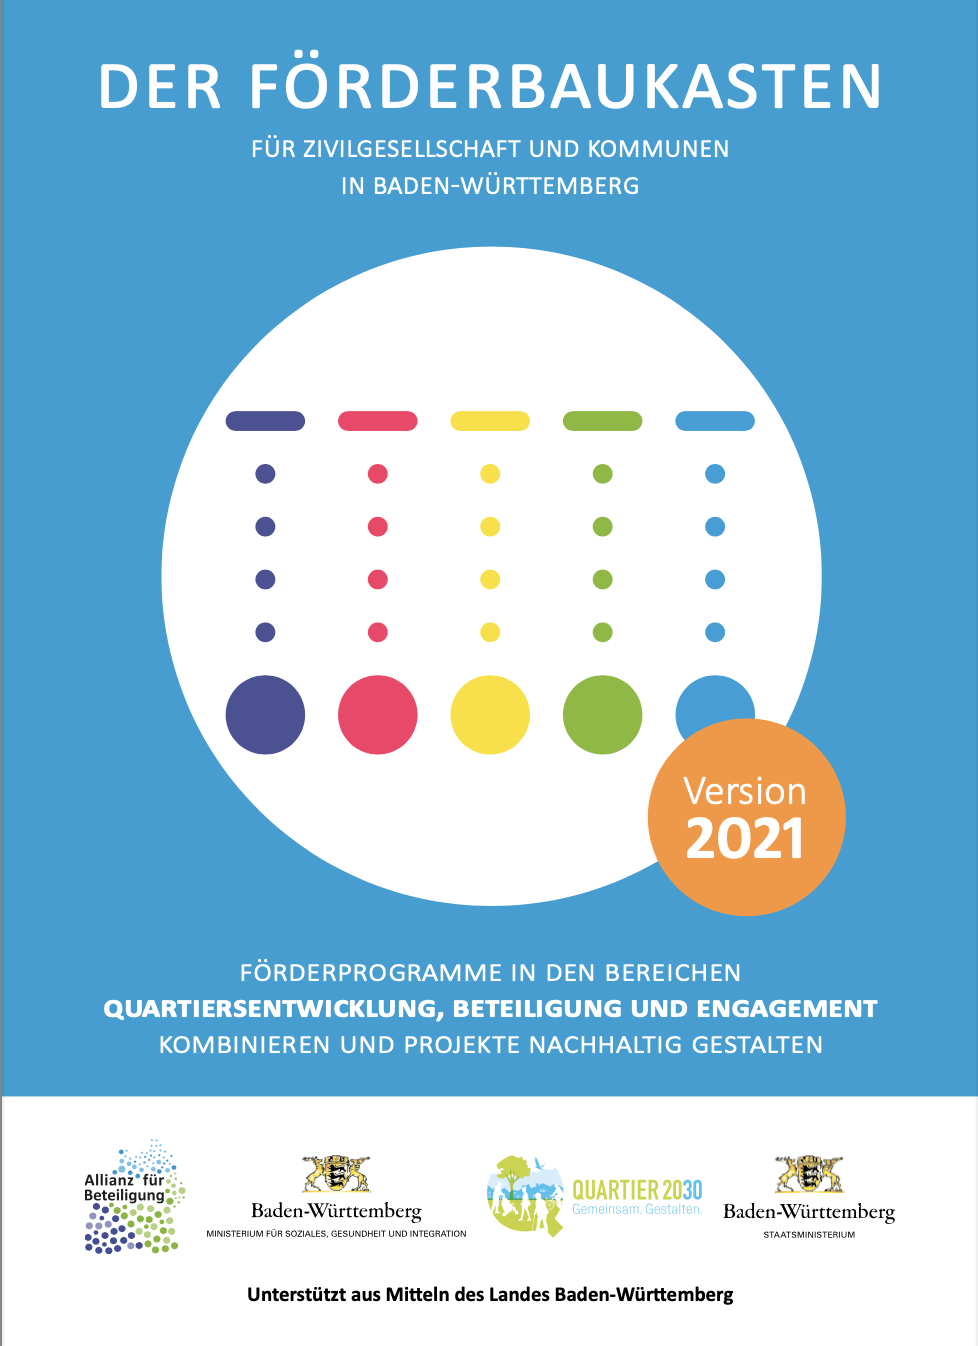 Förderbaukasten für Zivilgesellschaft und Kommunen in Baden-Württemberg.